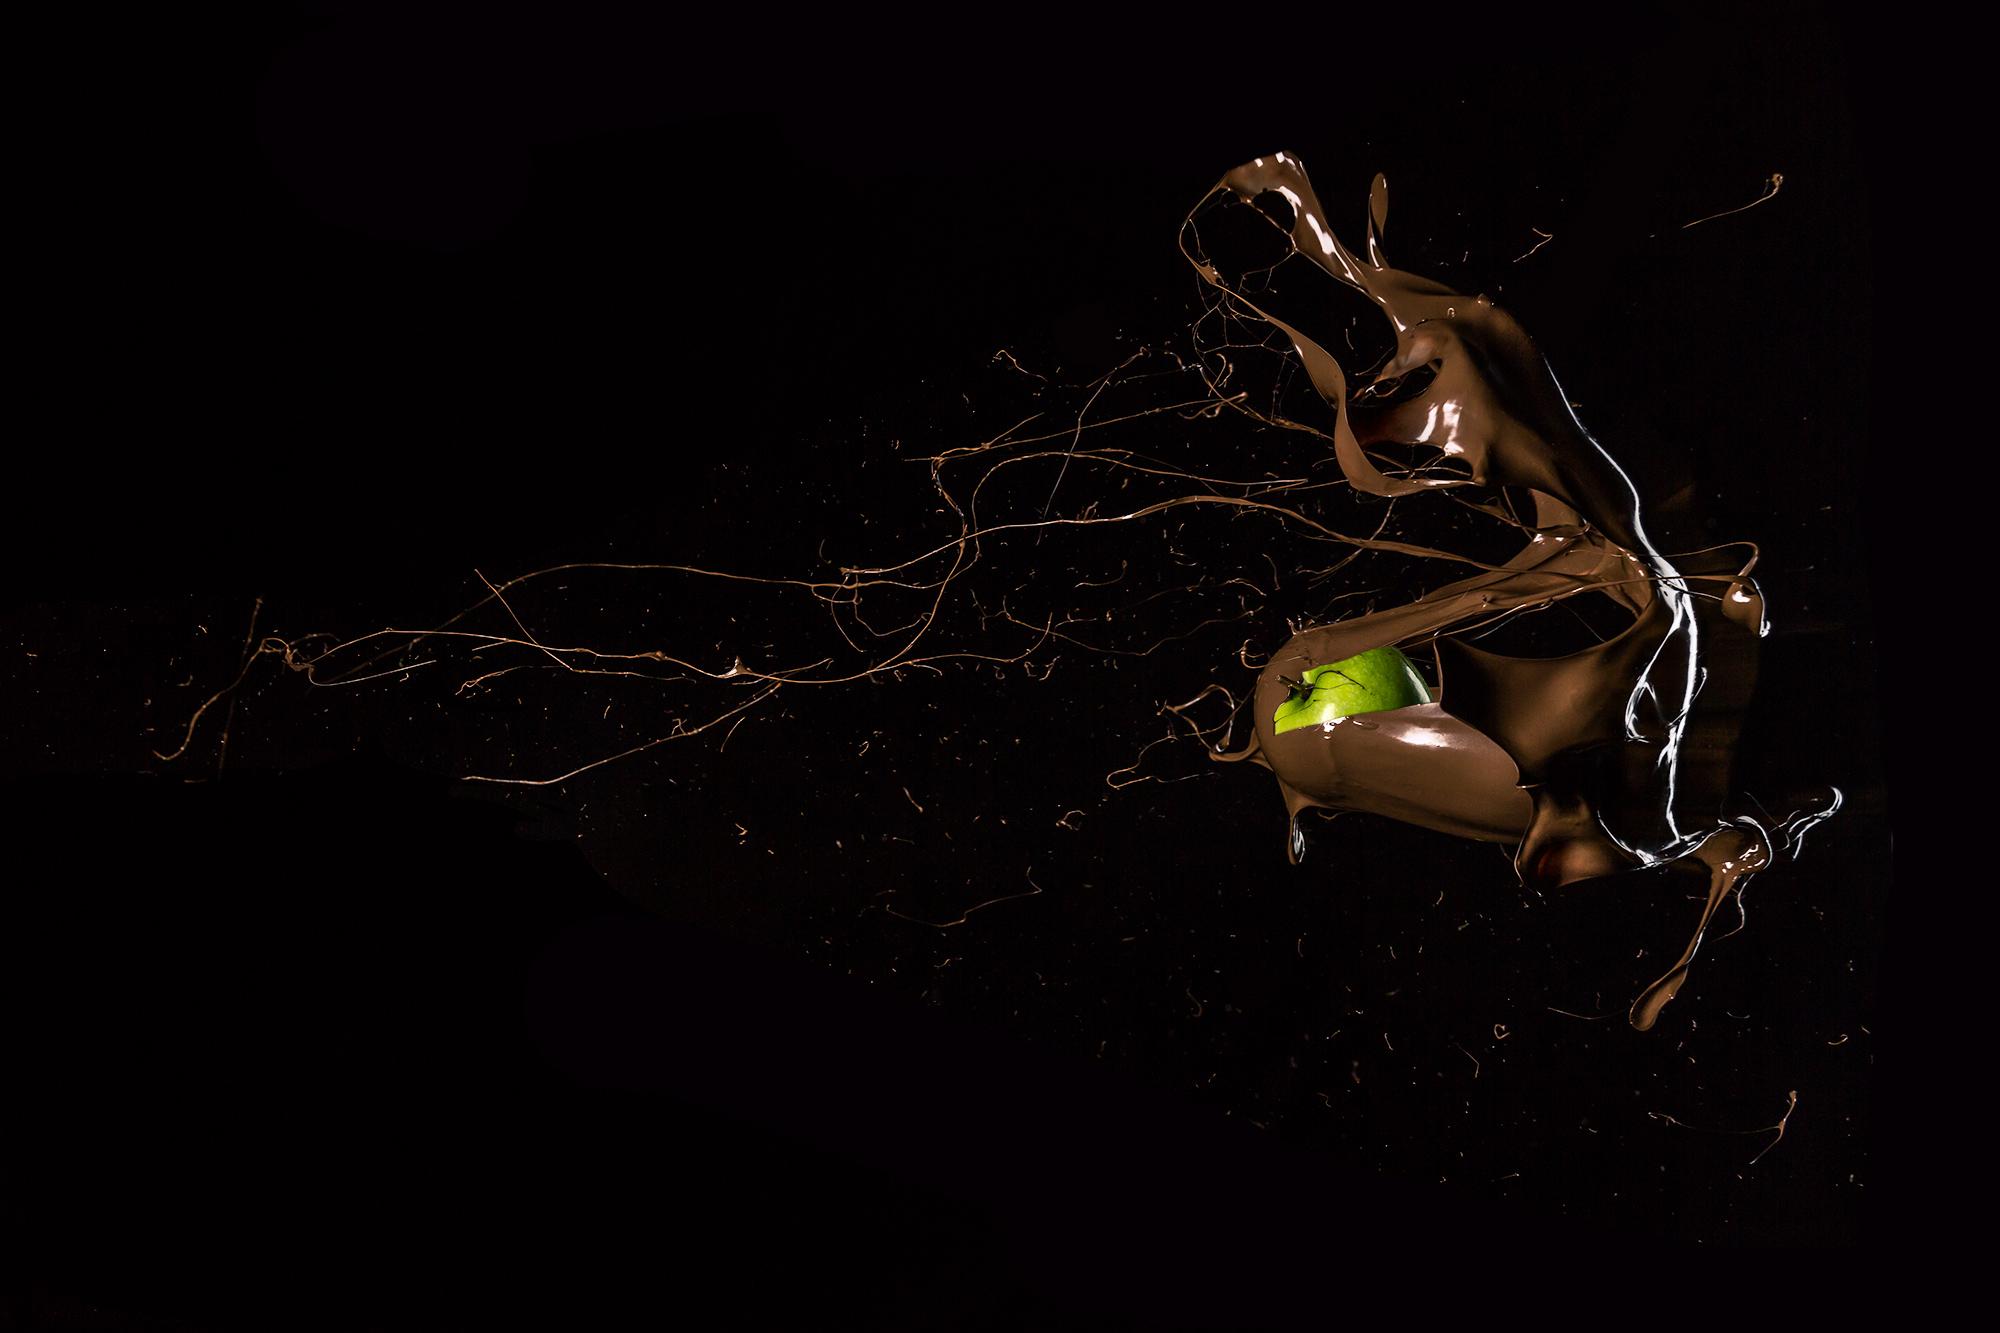 NomNom-Apple.jpg